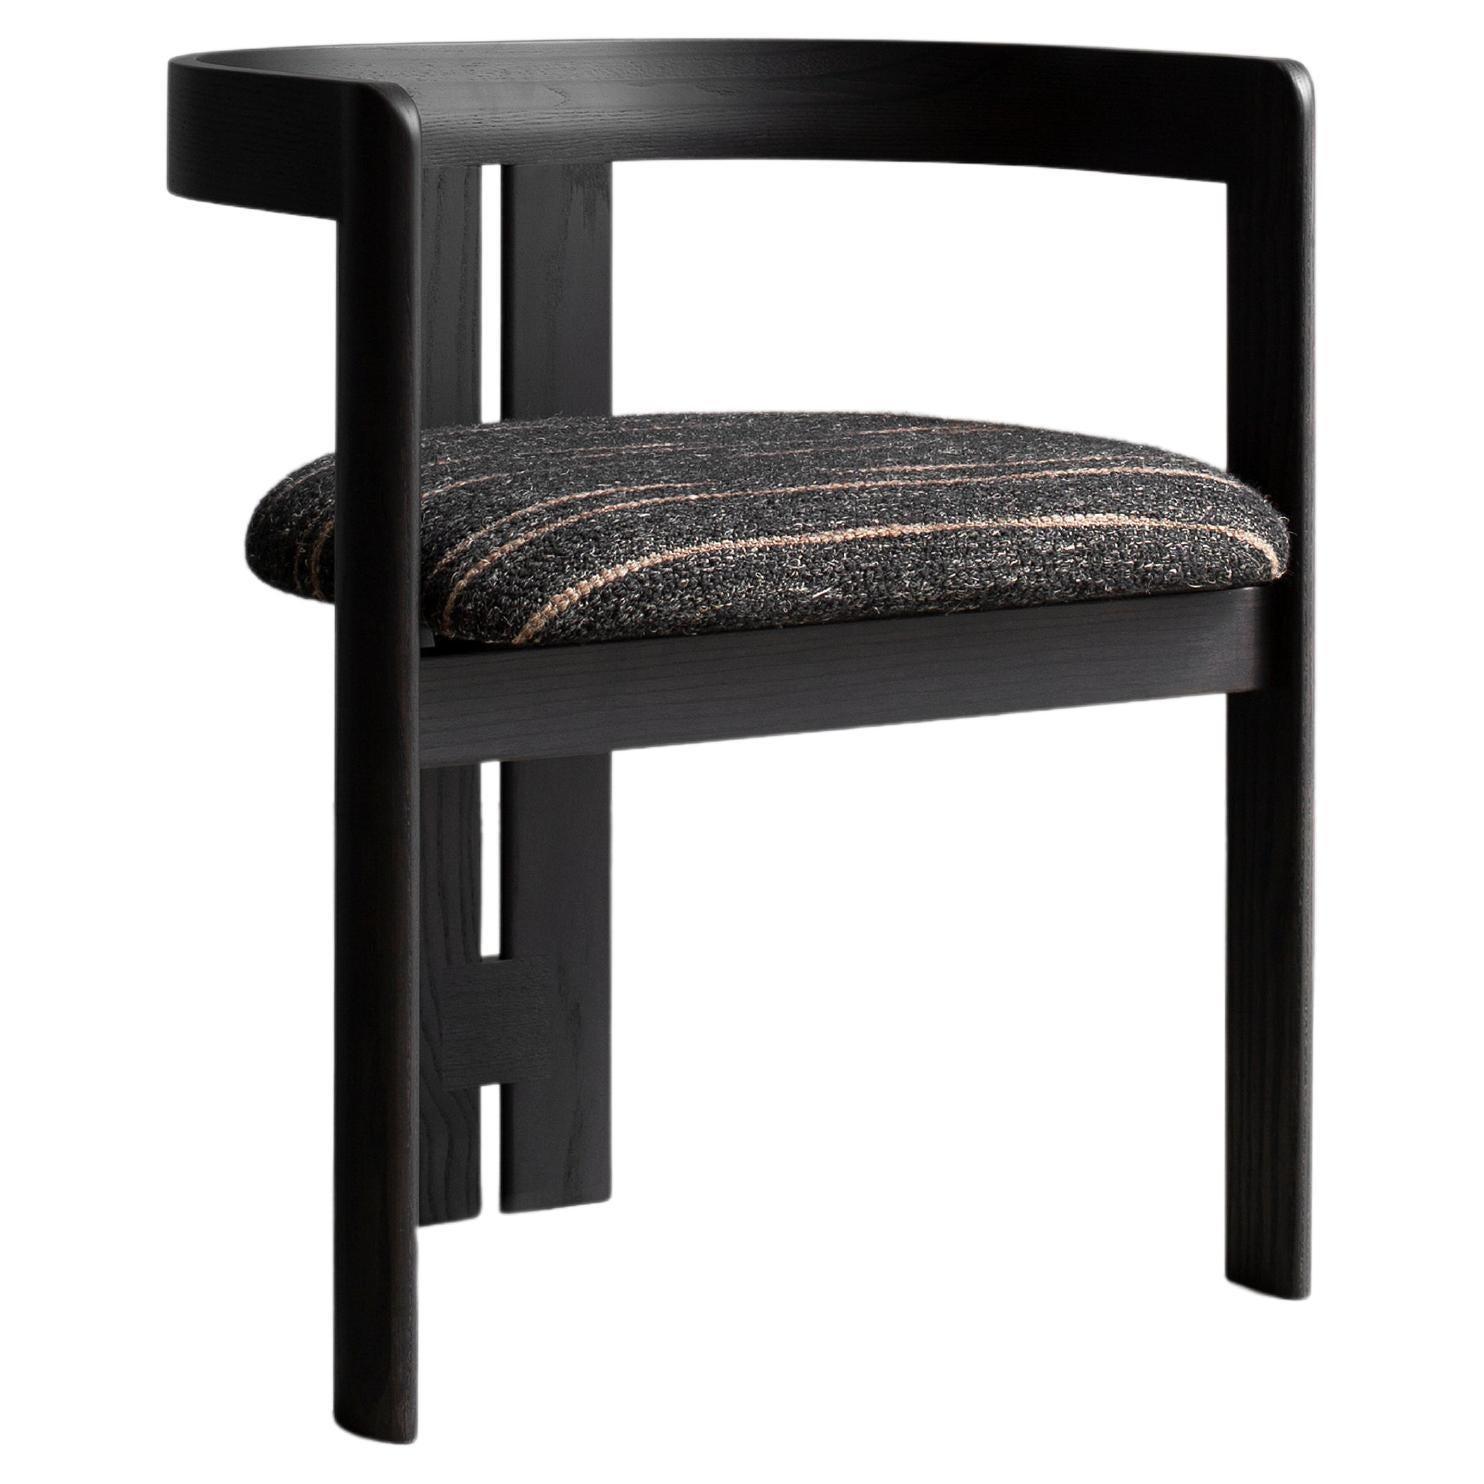 Tacchini Pigreco Chair Designed by Tobia Scarpa